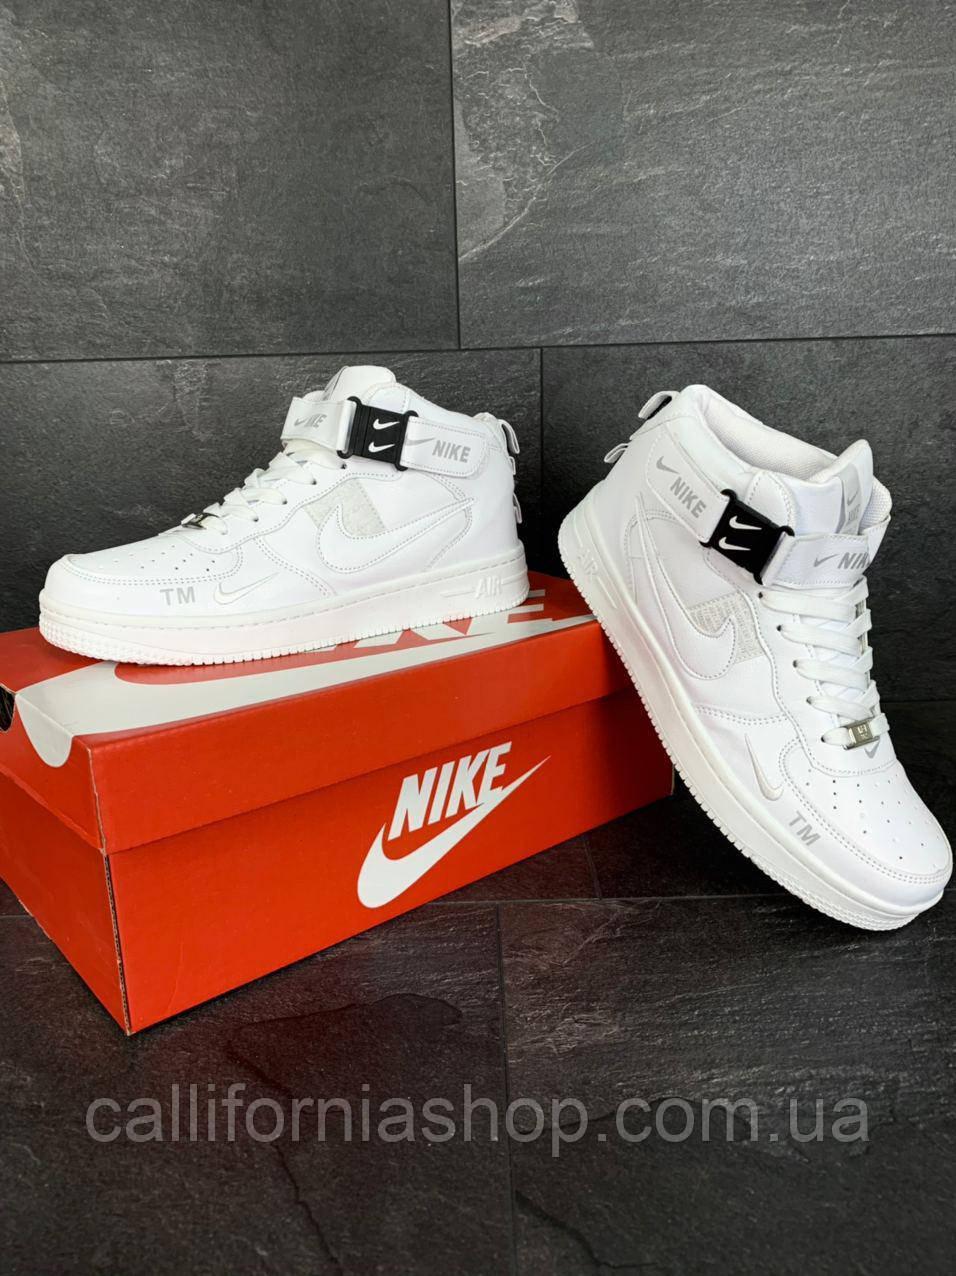 Мужские белые кроссовки Nike Air Force 1 Найк Аир Форс высокие кожаные демисезонные